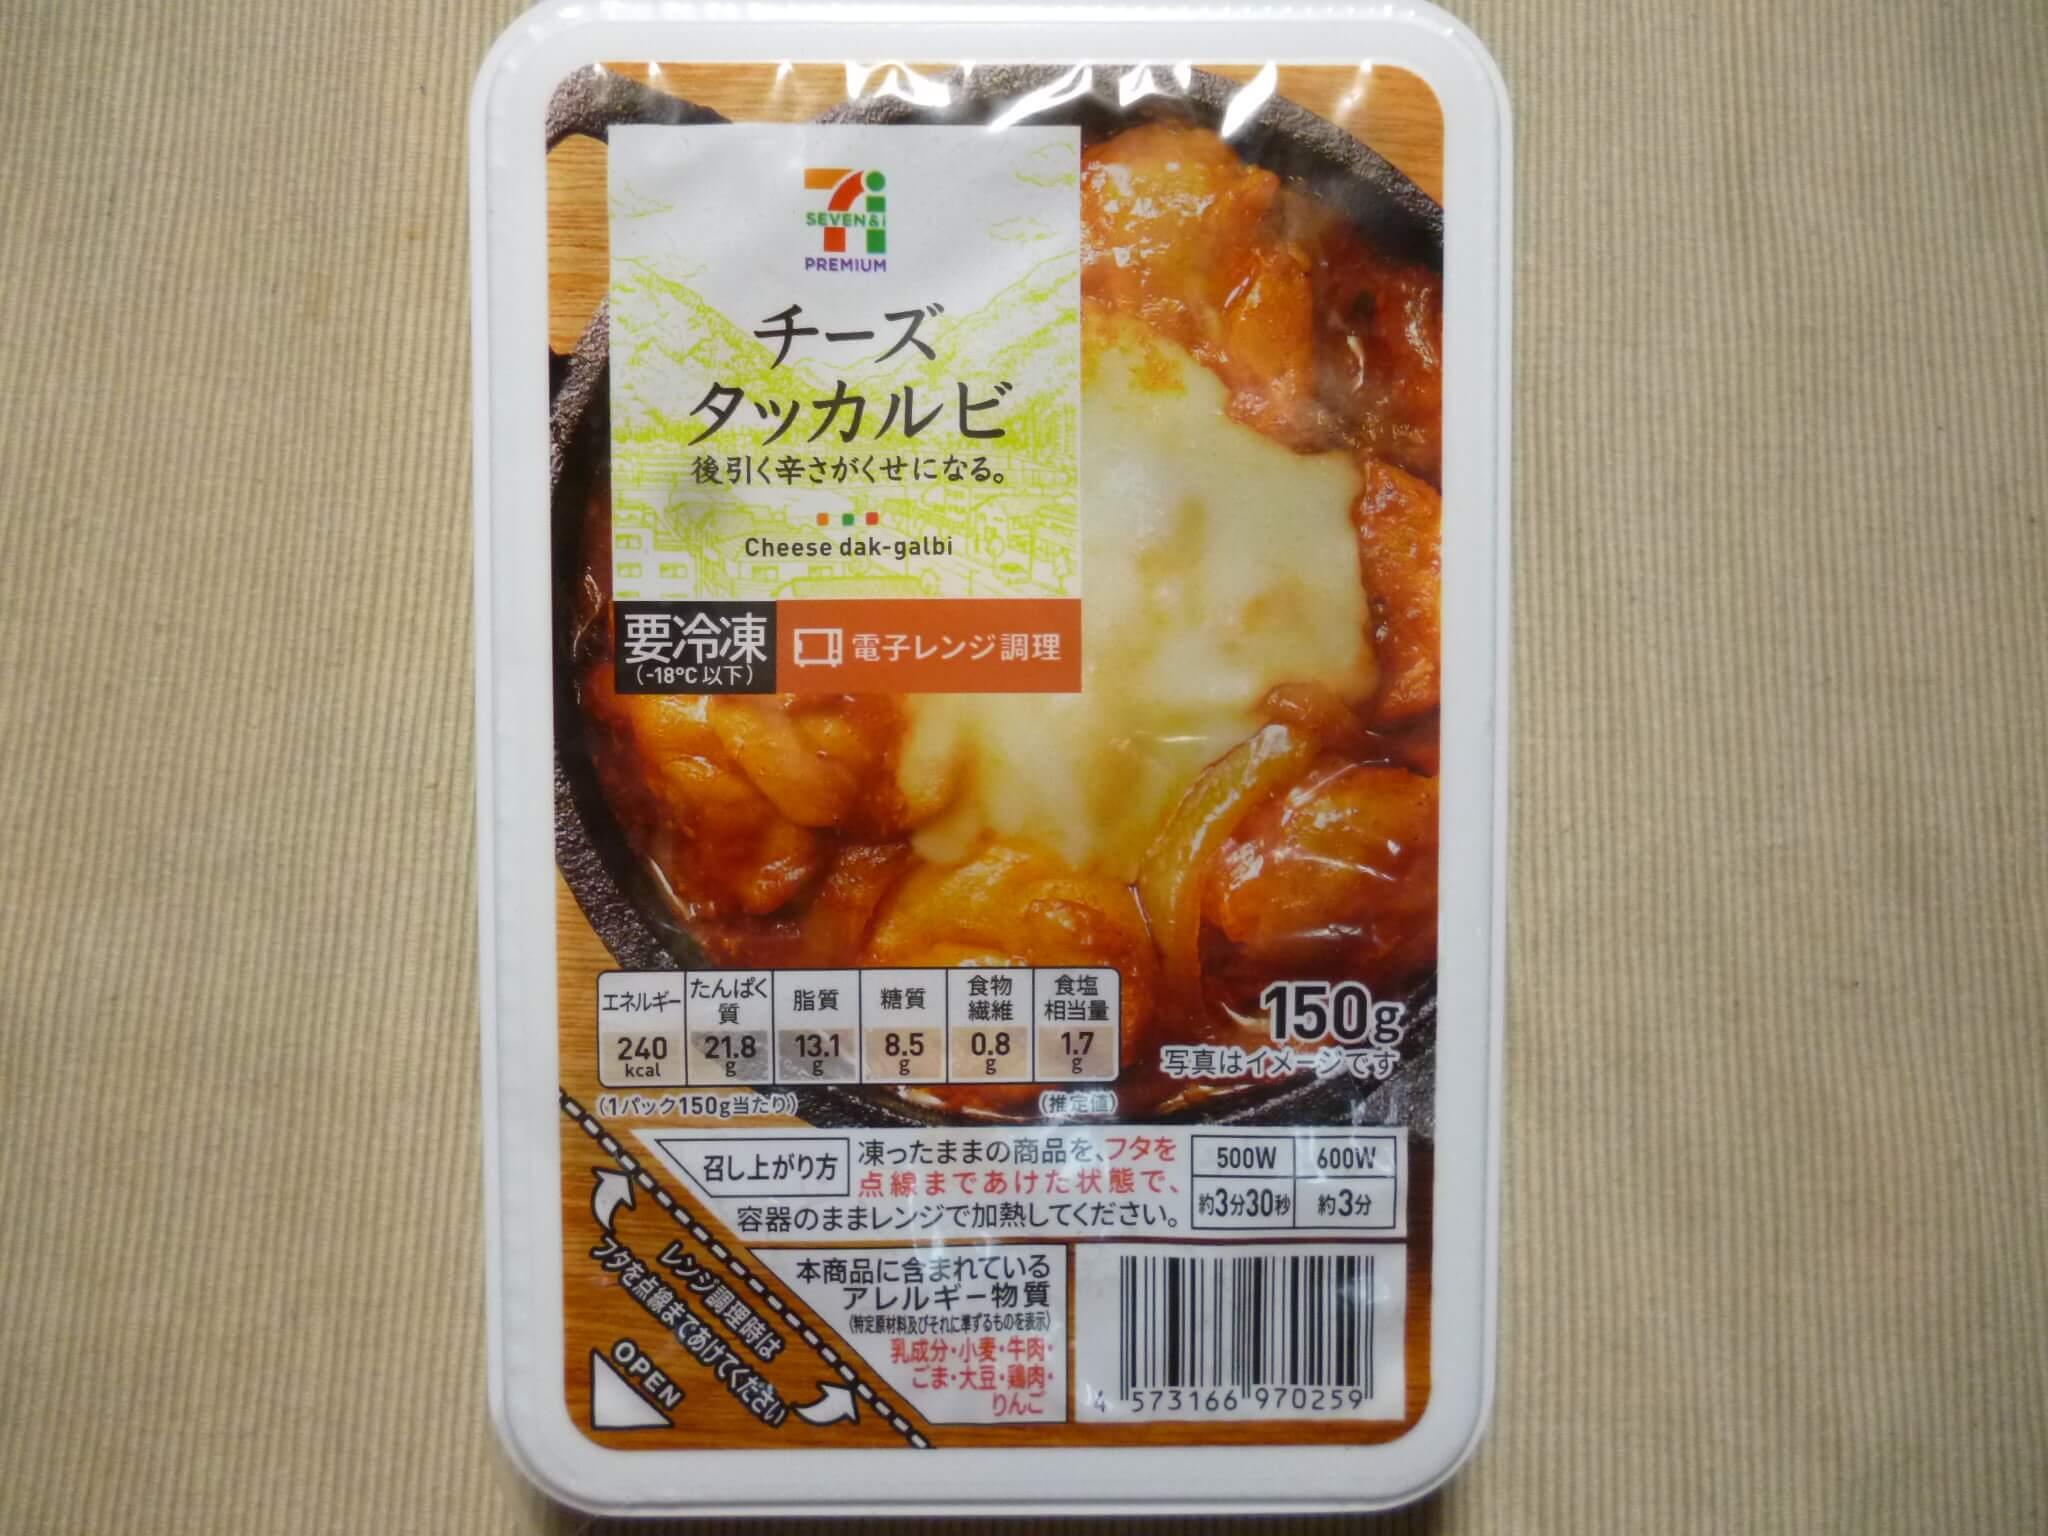 タレ チーズ タッカルビ